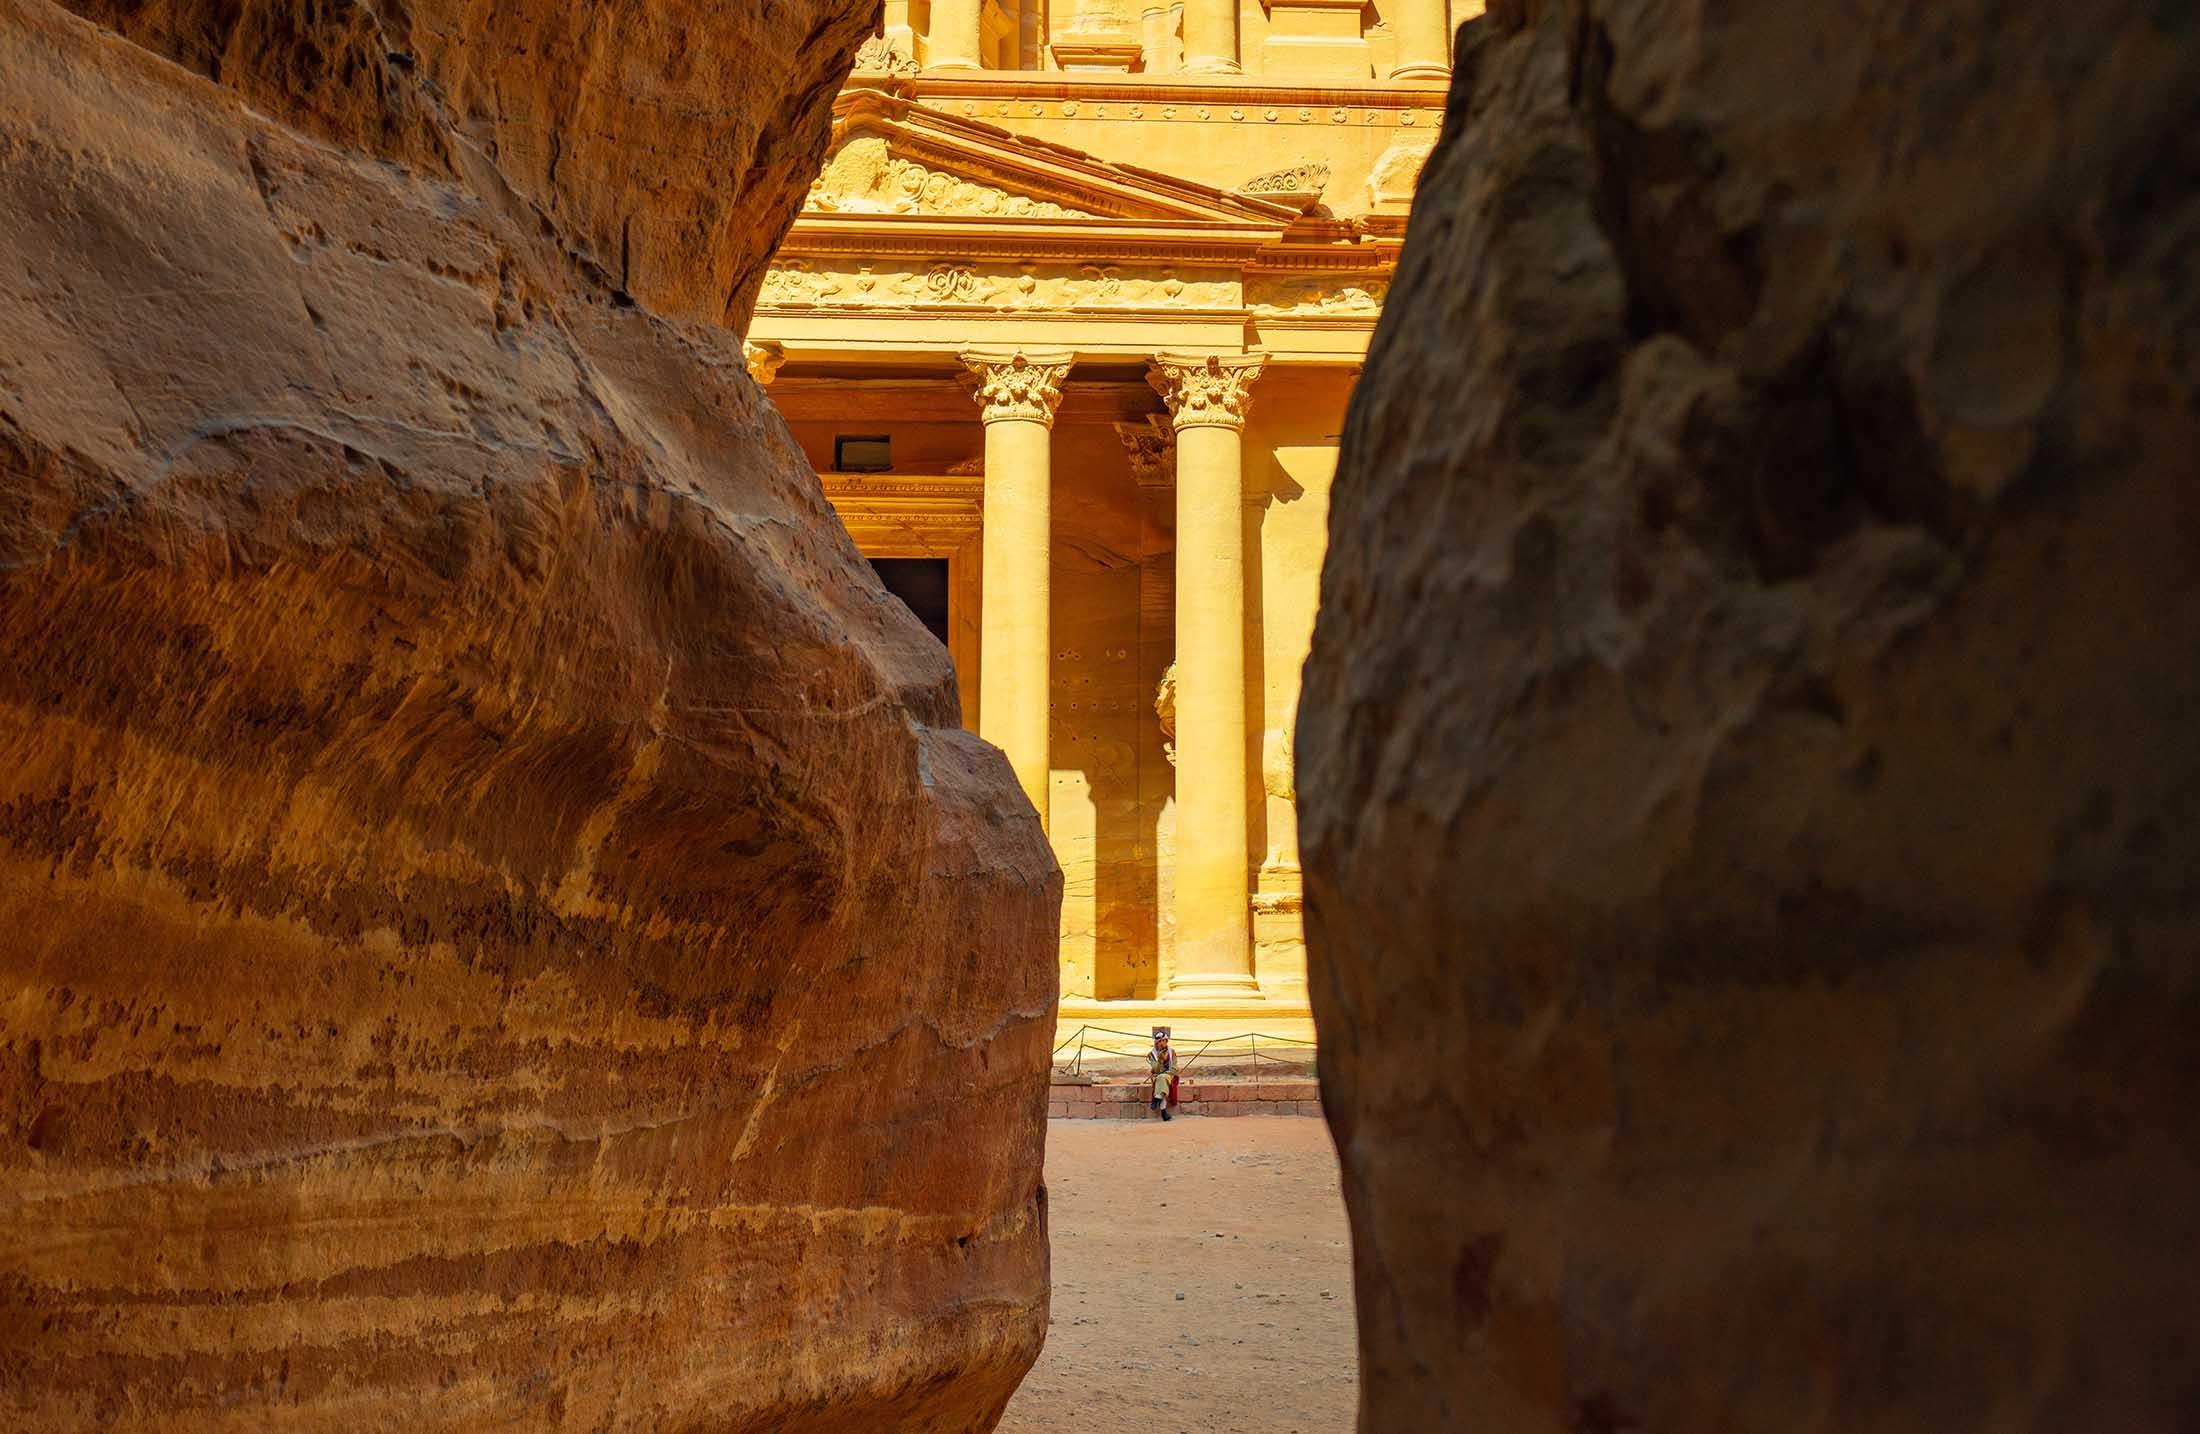 Travel as meditation - Treasury, Petra in Jordan